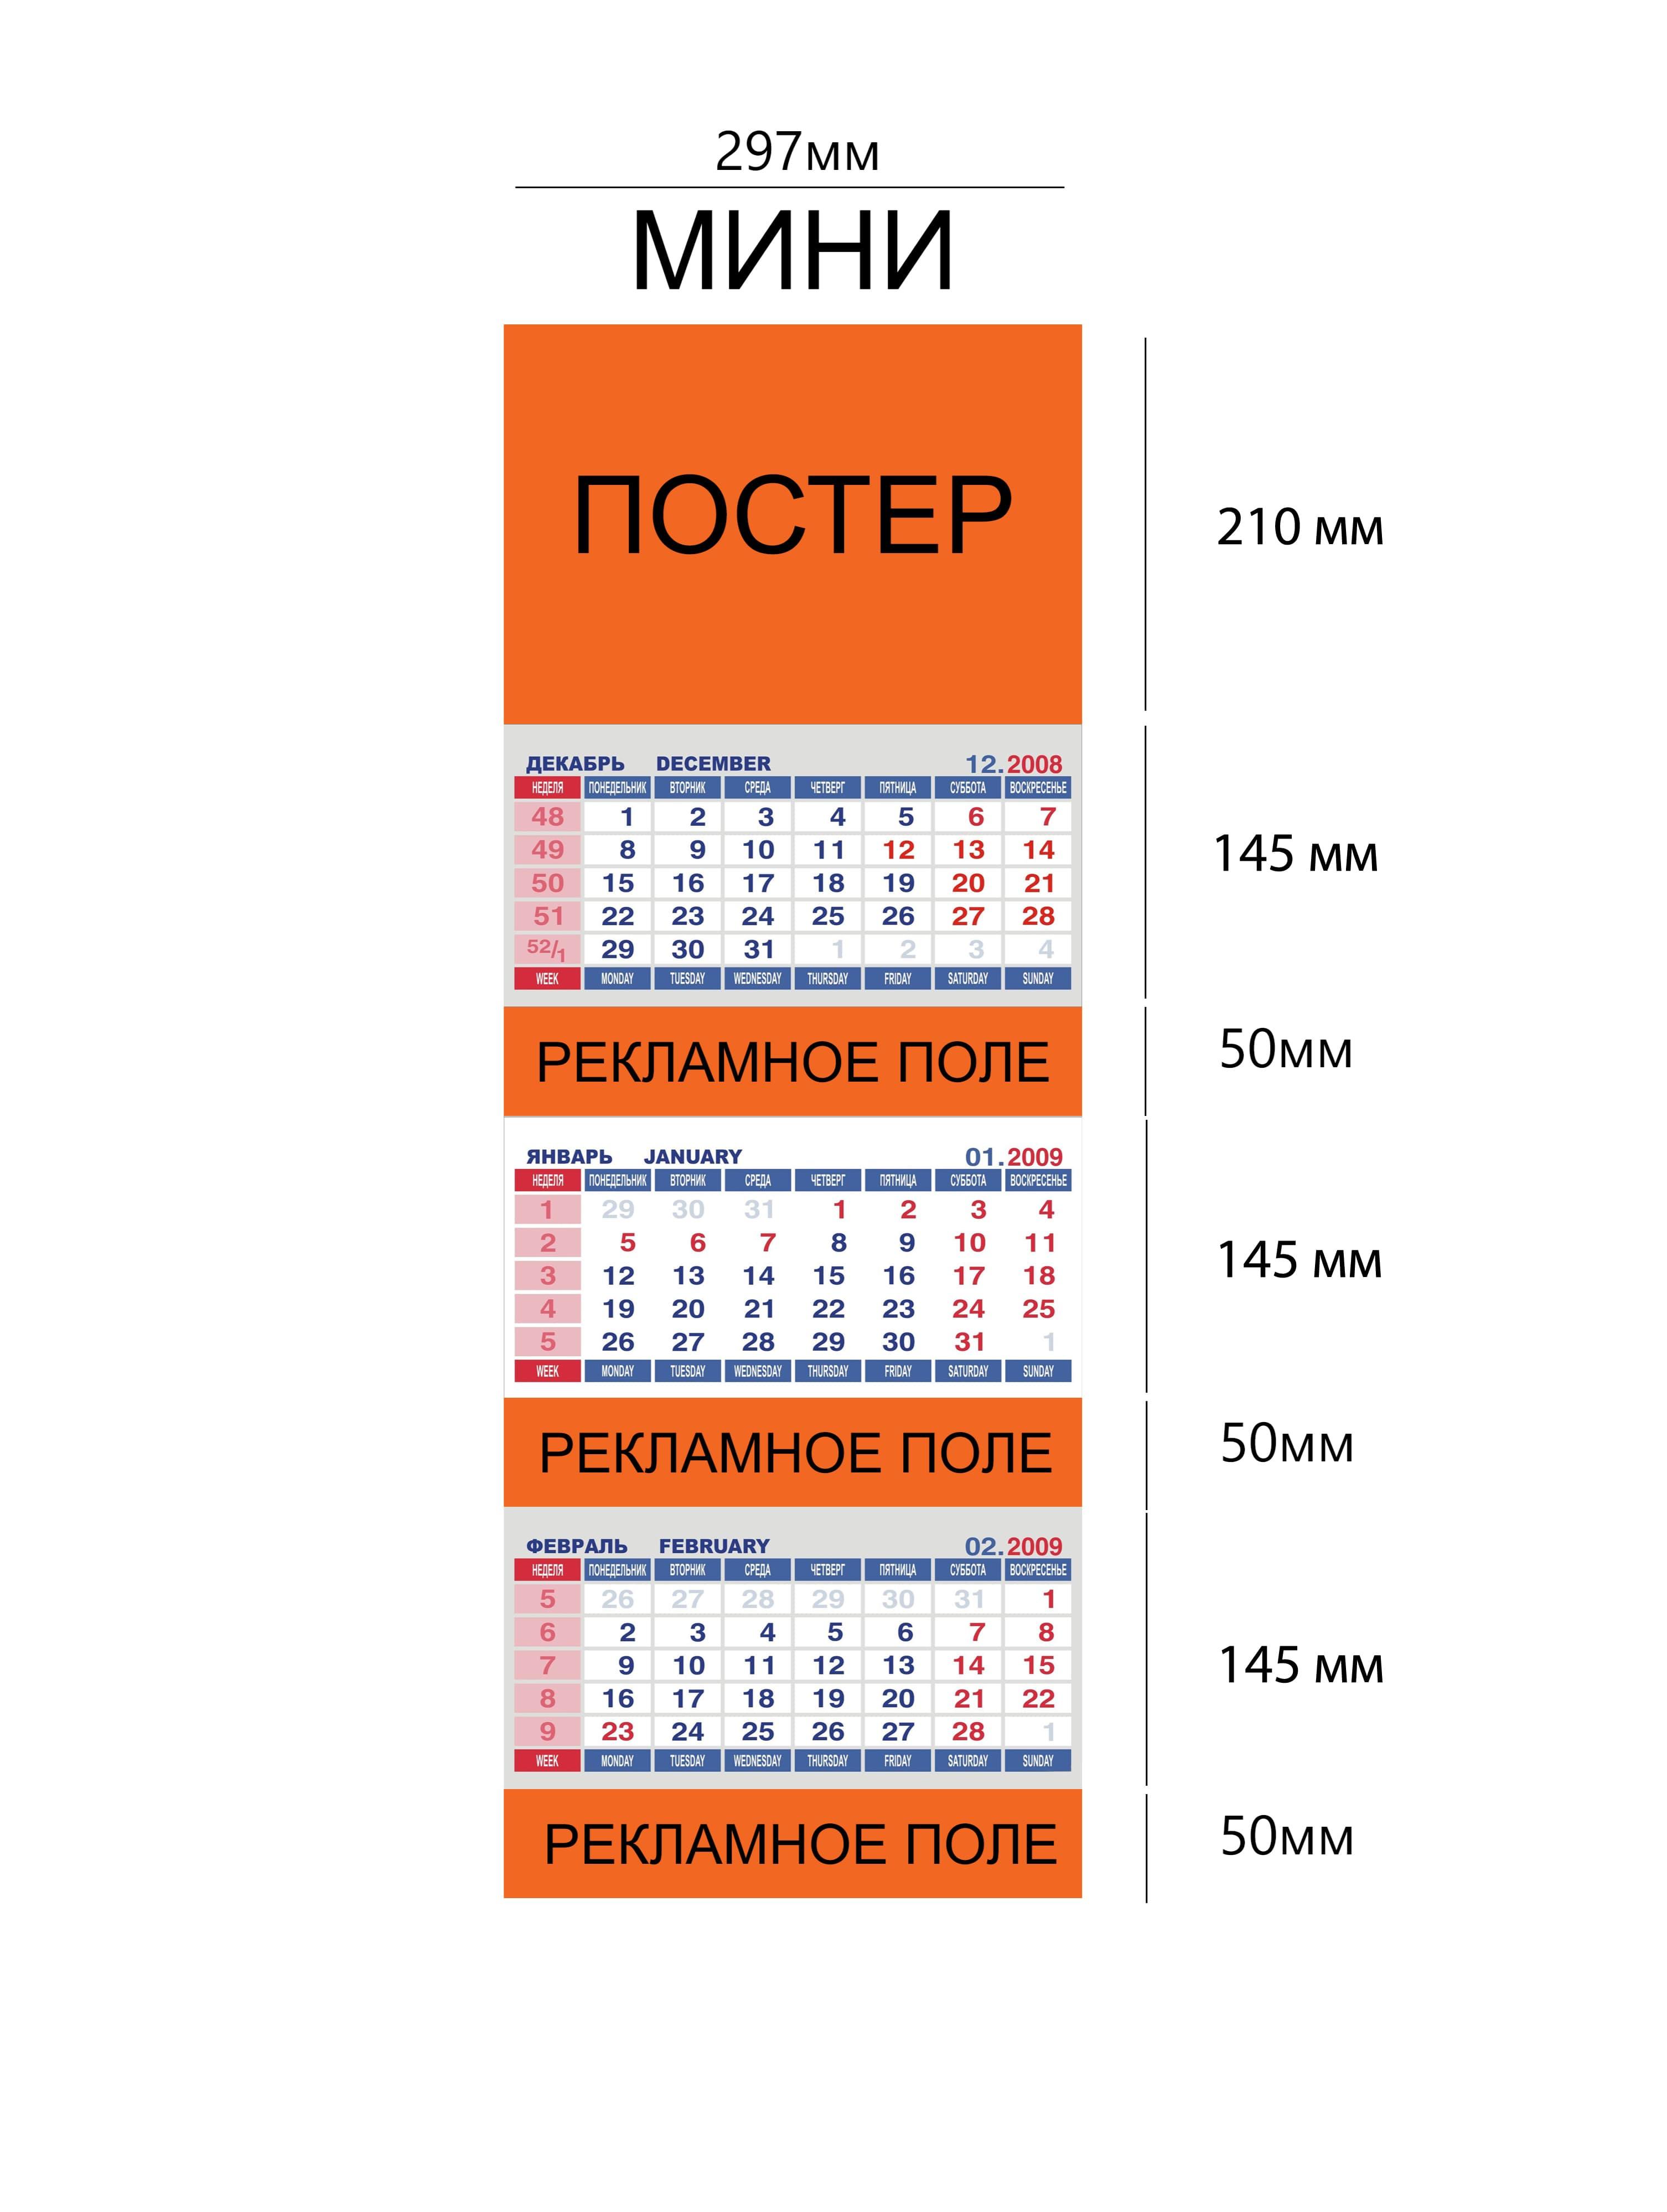 Квартальный календарь размера мини в типографии Формат